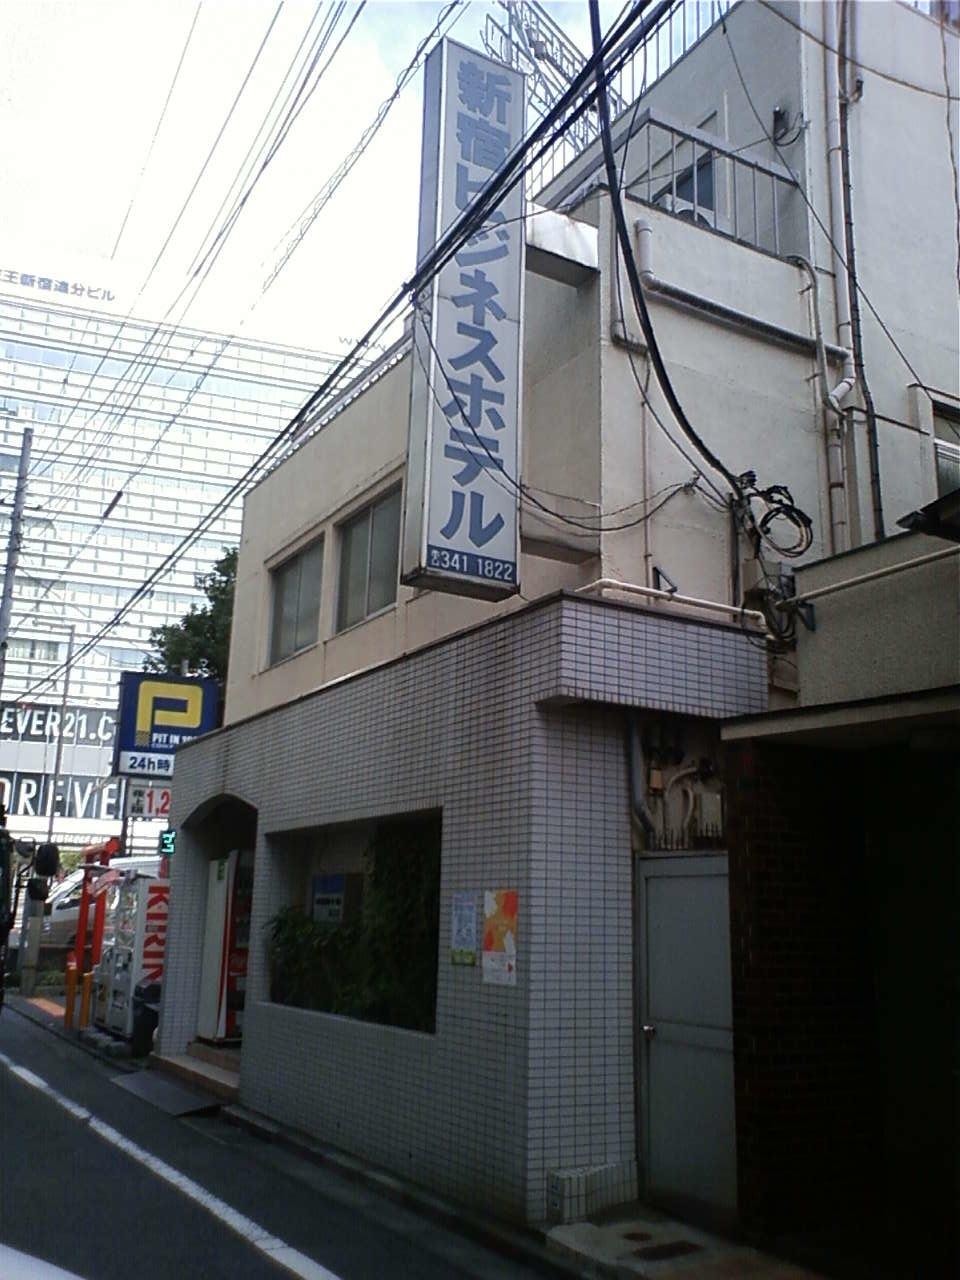 写真 新宿四丁目付近 4_b0136144_6321859.jpg